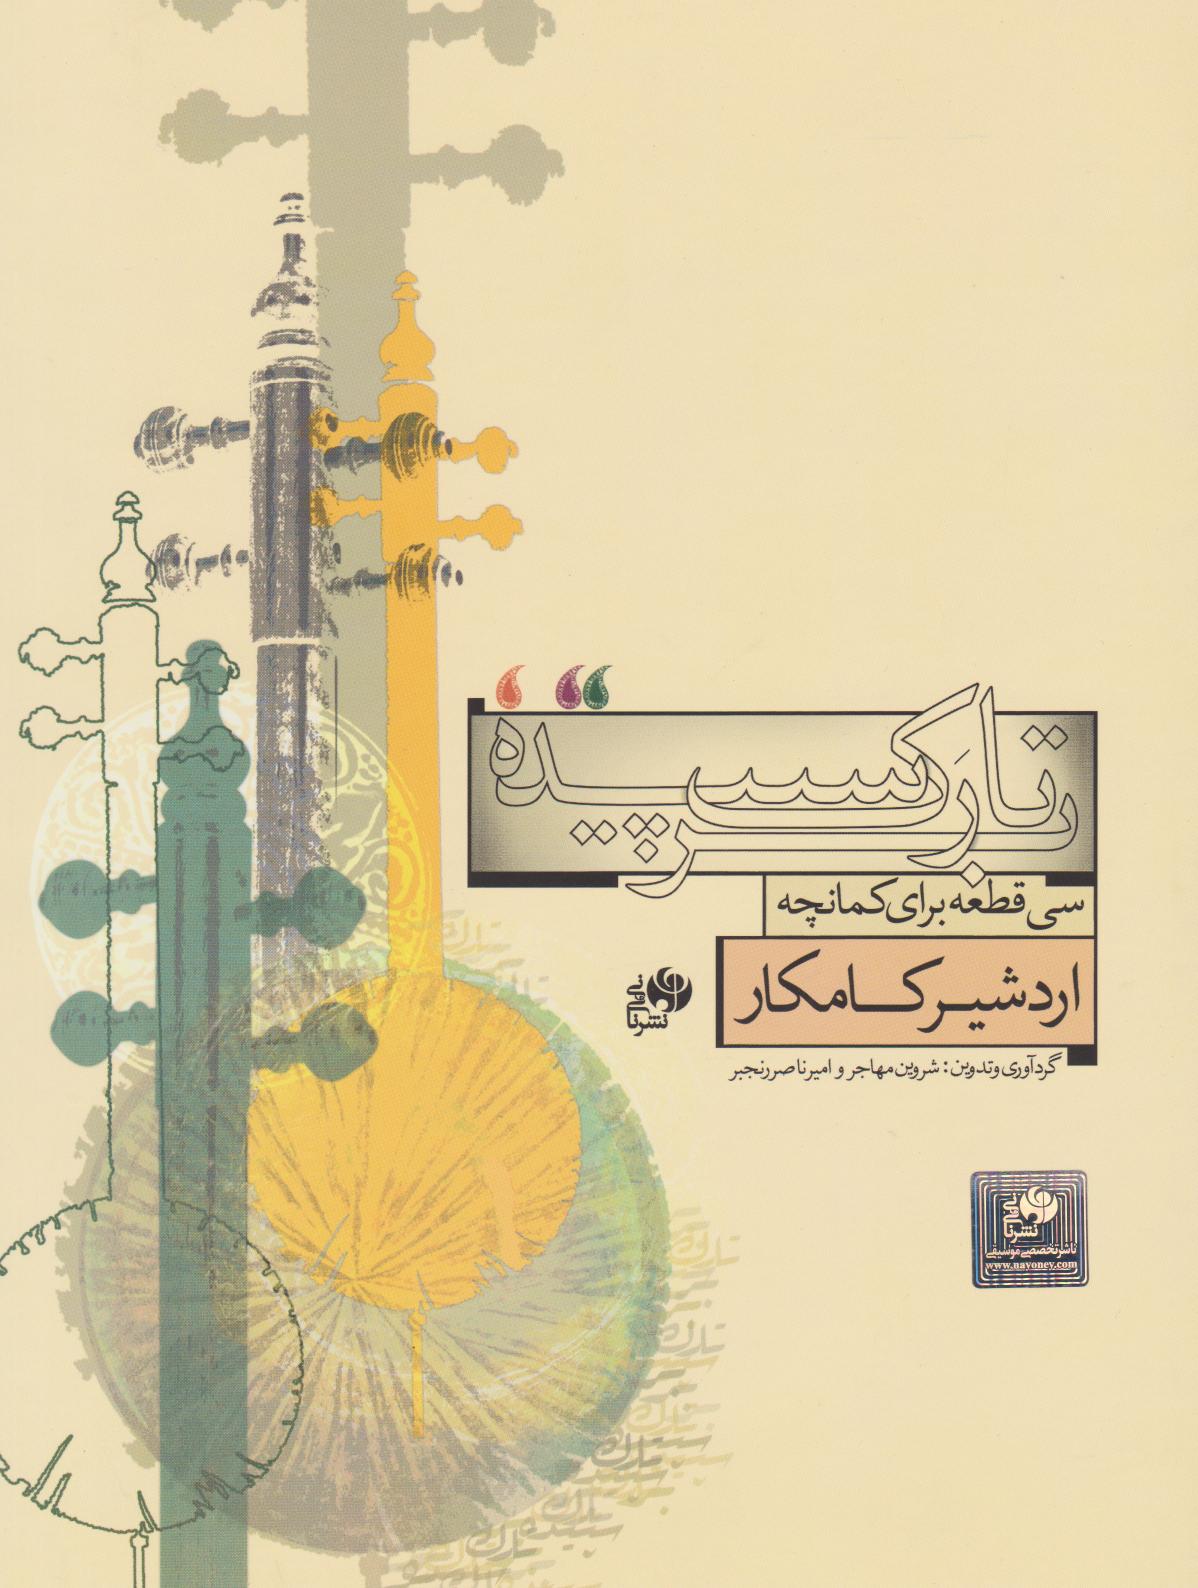 کتاب بر تارک سپیده (سی قطعه برای کمانچه) اردشیر کامکار انتشارات کتاب مهر